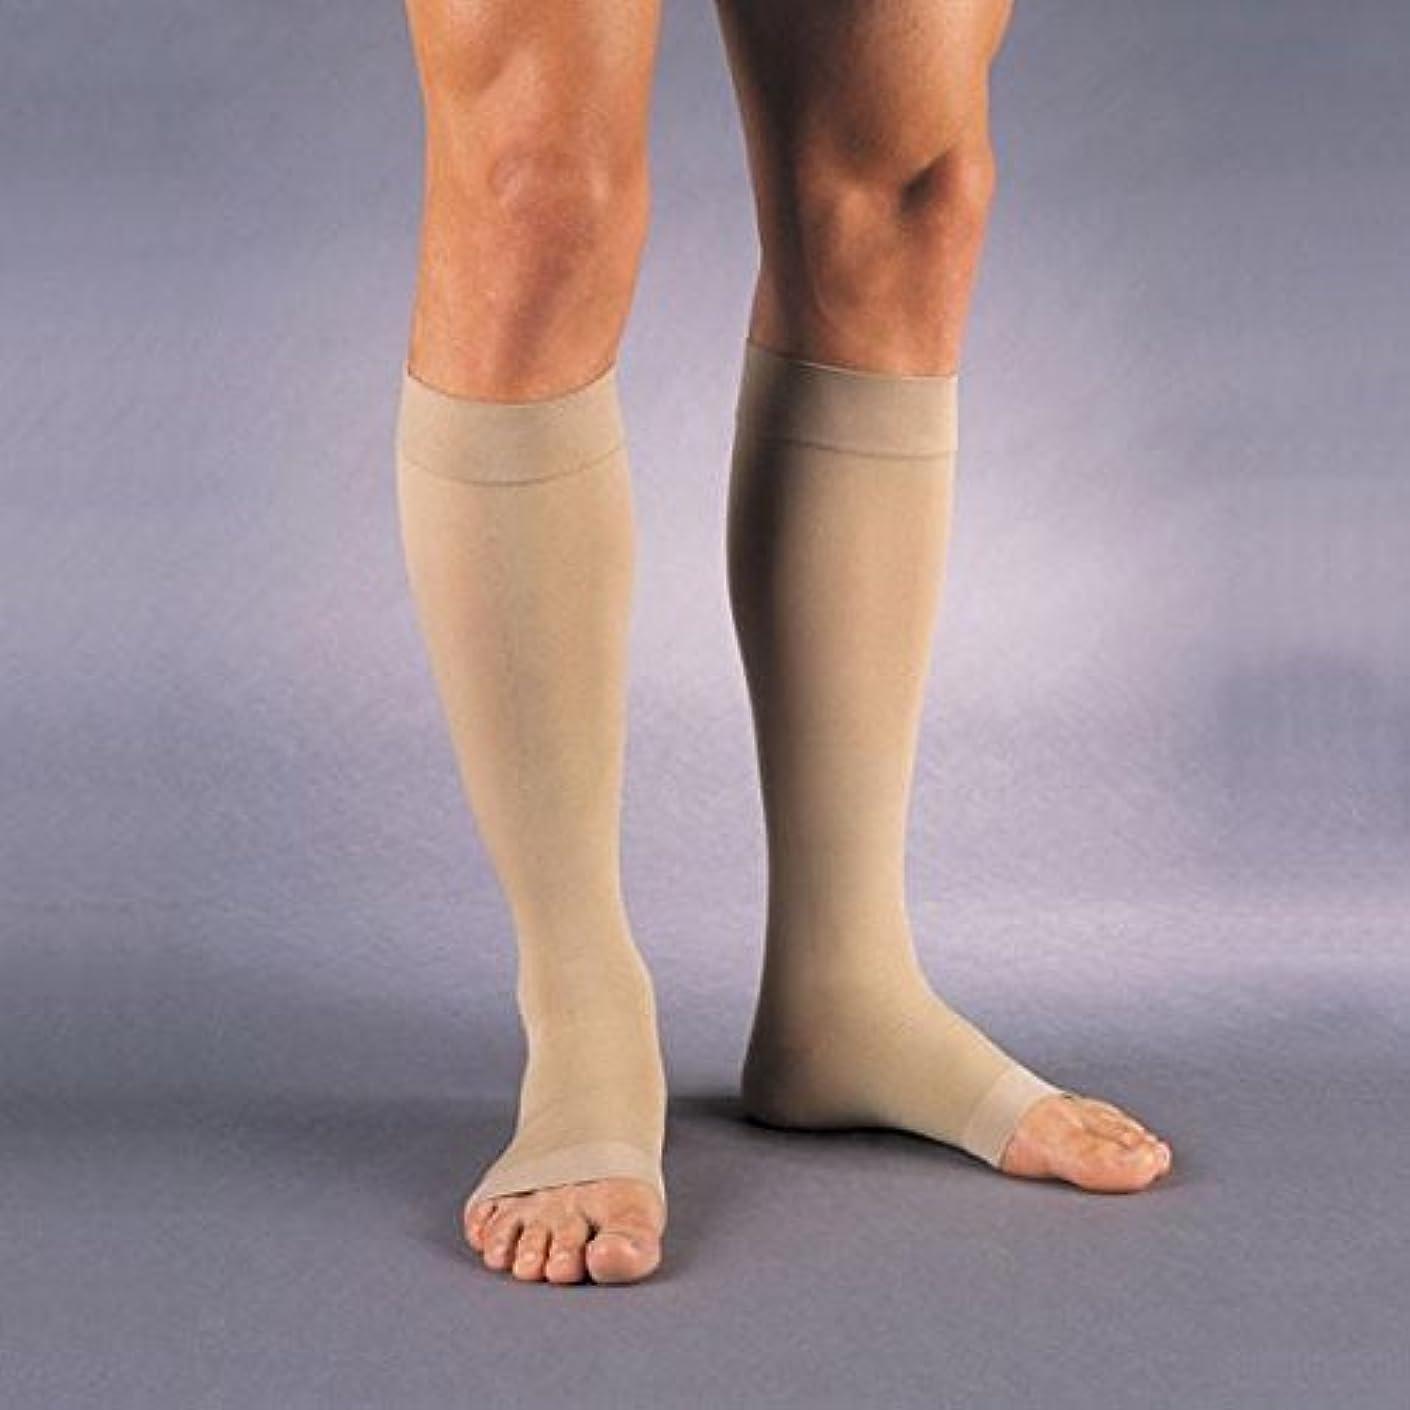 ペフ韓国語箱Jobst Relief KNEE HIGH Extra Firm Compression 30-40mmHg M, Open Toe Beige by Jobst